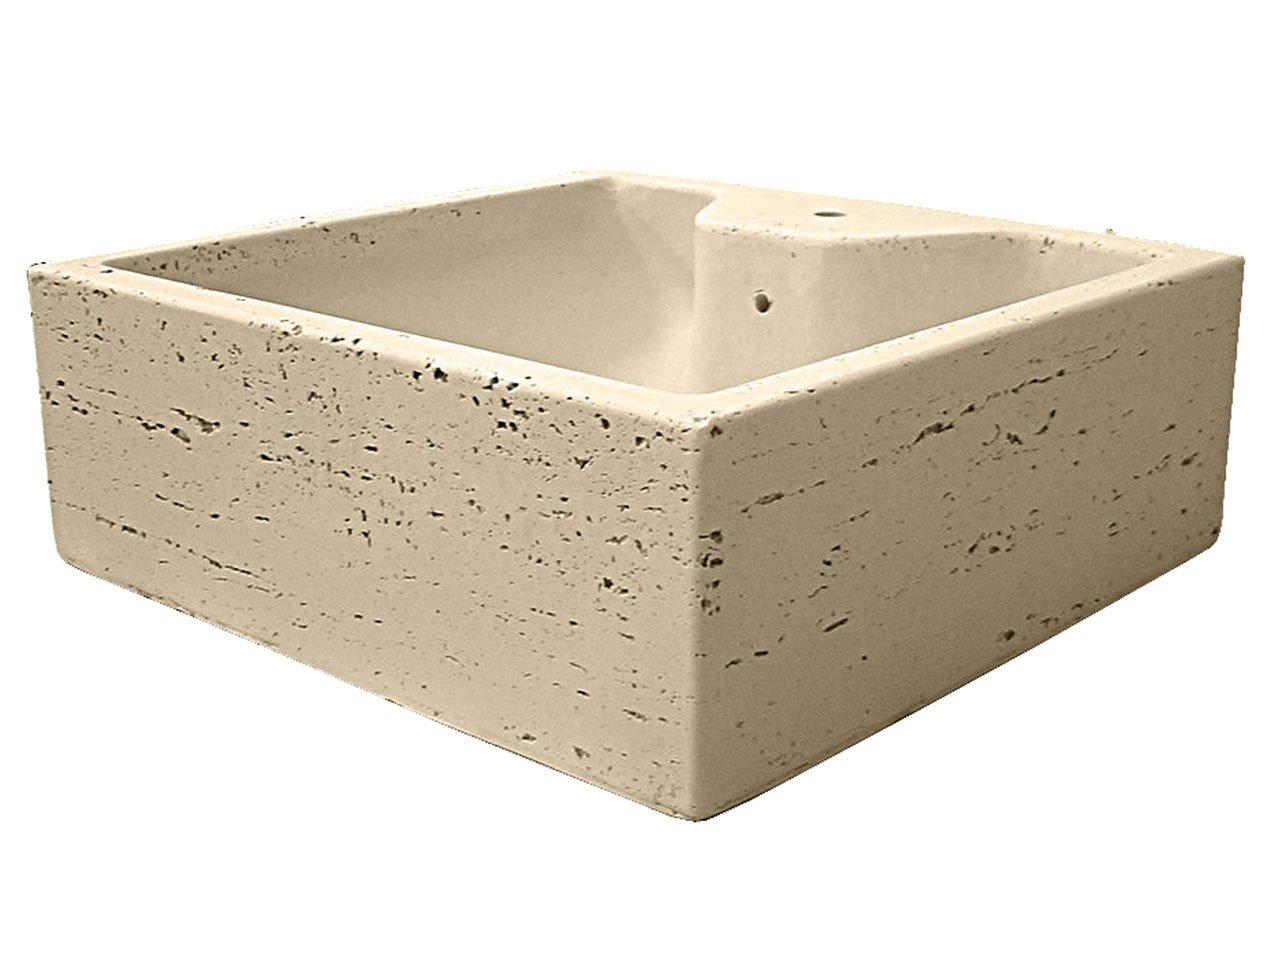 Lavabo d 39 arredo top quadrangola travert iperceramica for Lavabi d arredo